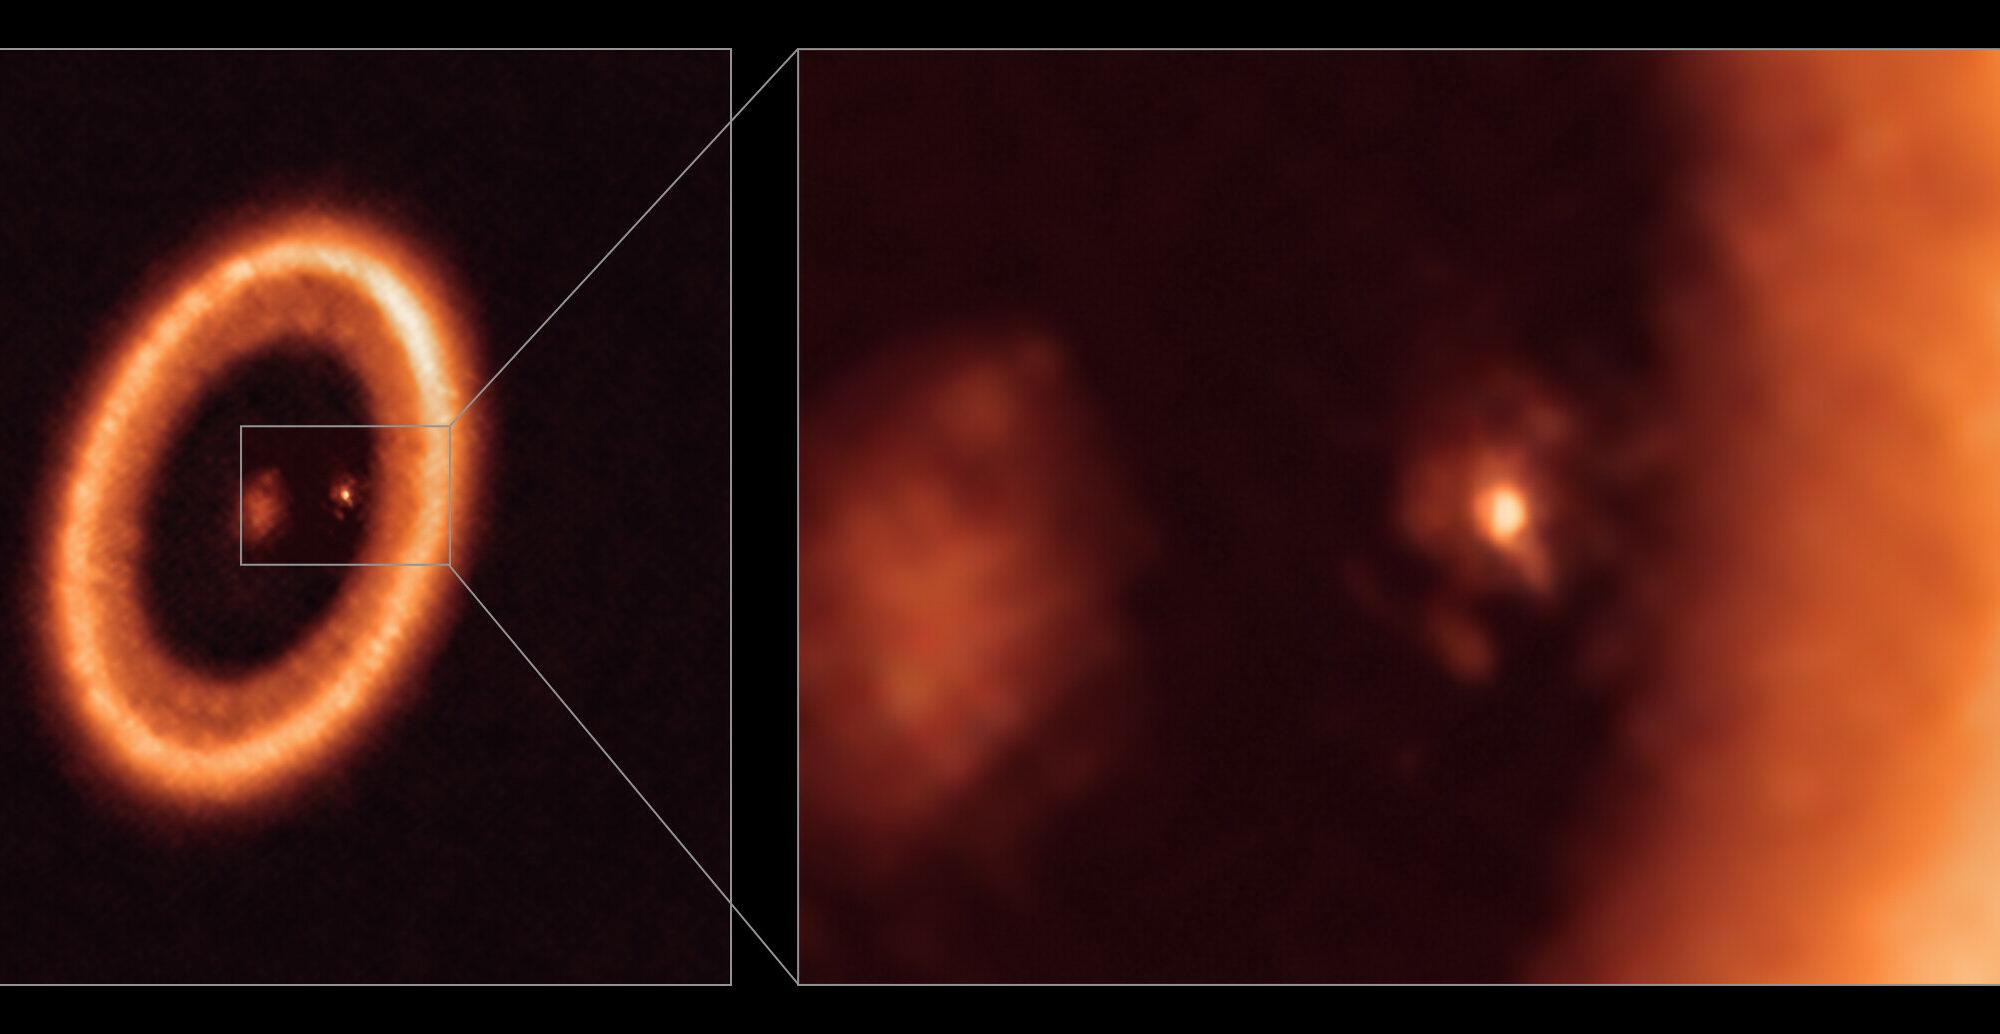 Astrónomos detectan por primera vez una supuesta luna en formación alrededor de un exoplaneta